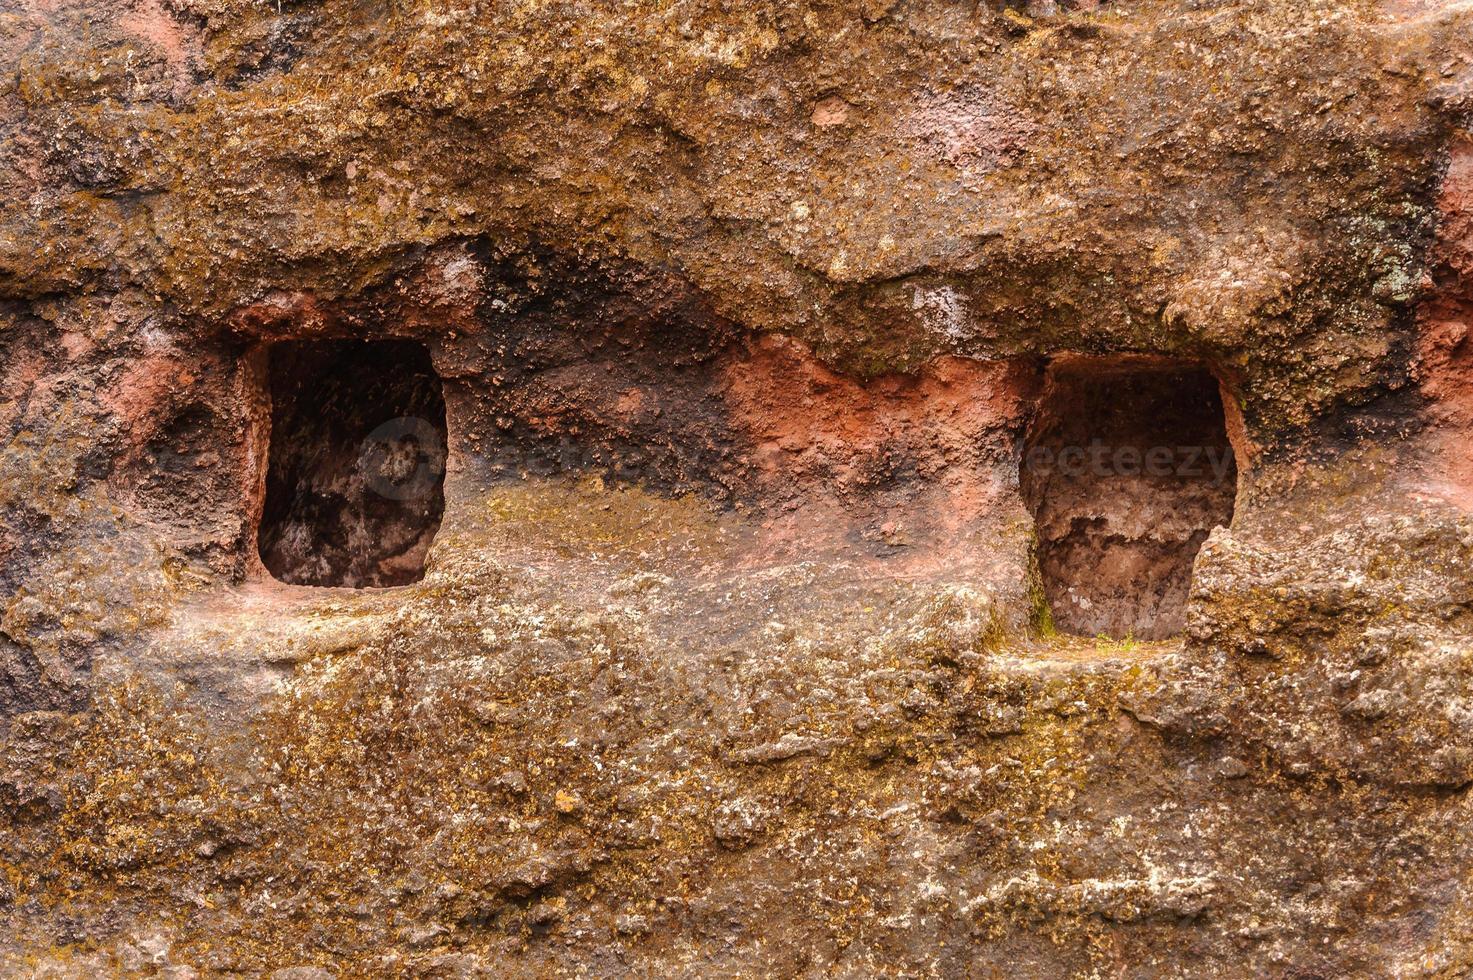 éthiopie, lalibela. église moniolitique taillée dans le roc photo